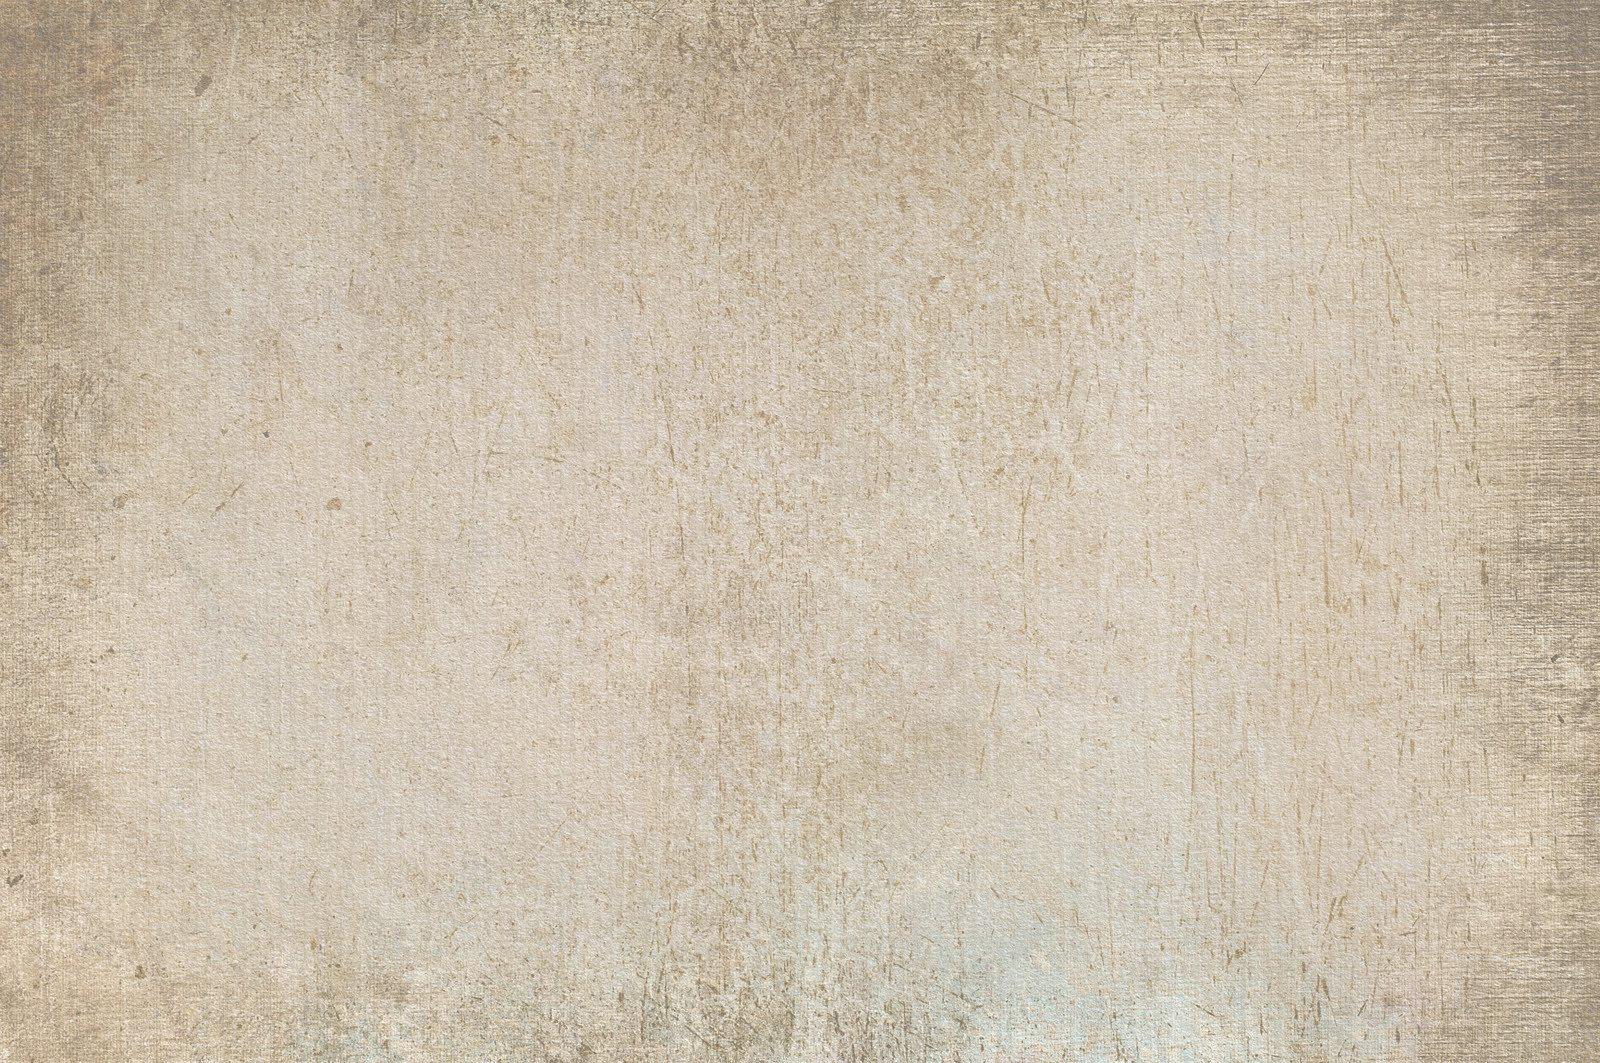 soft-background-texture.jpg